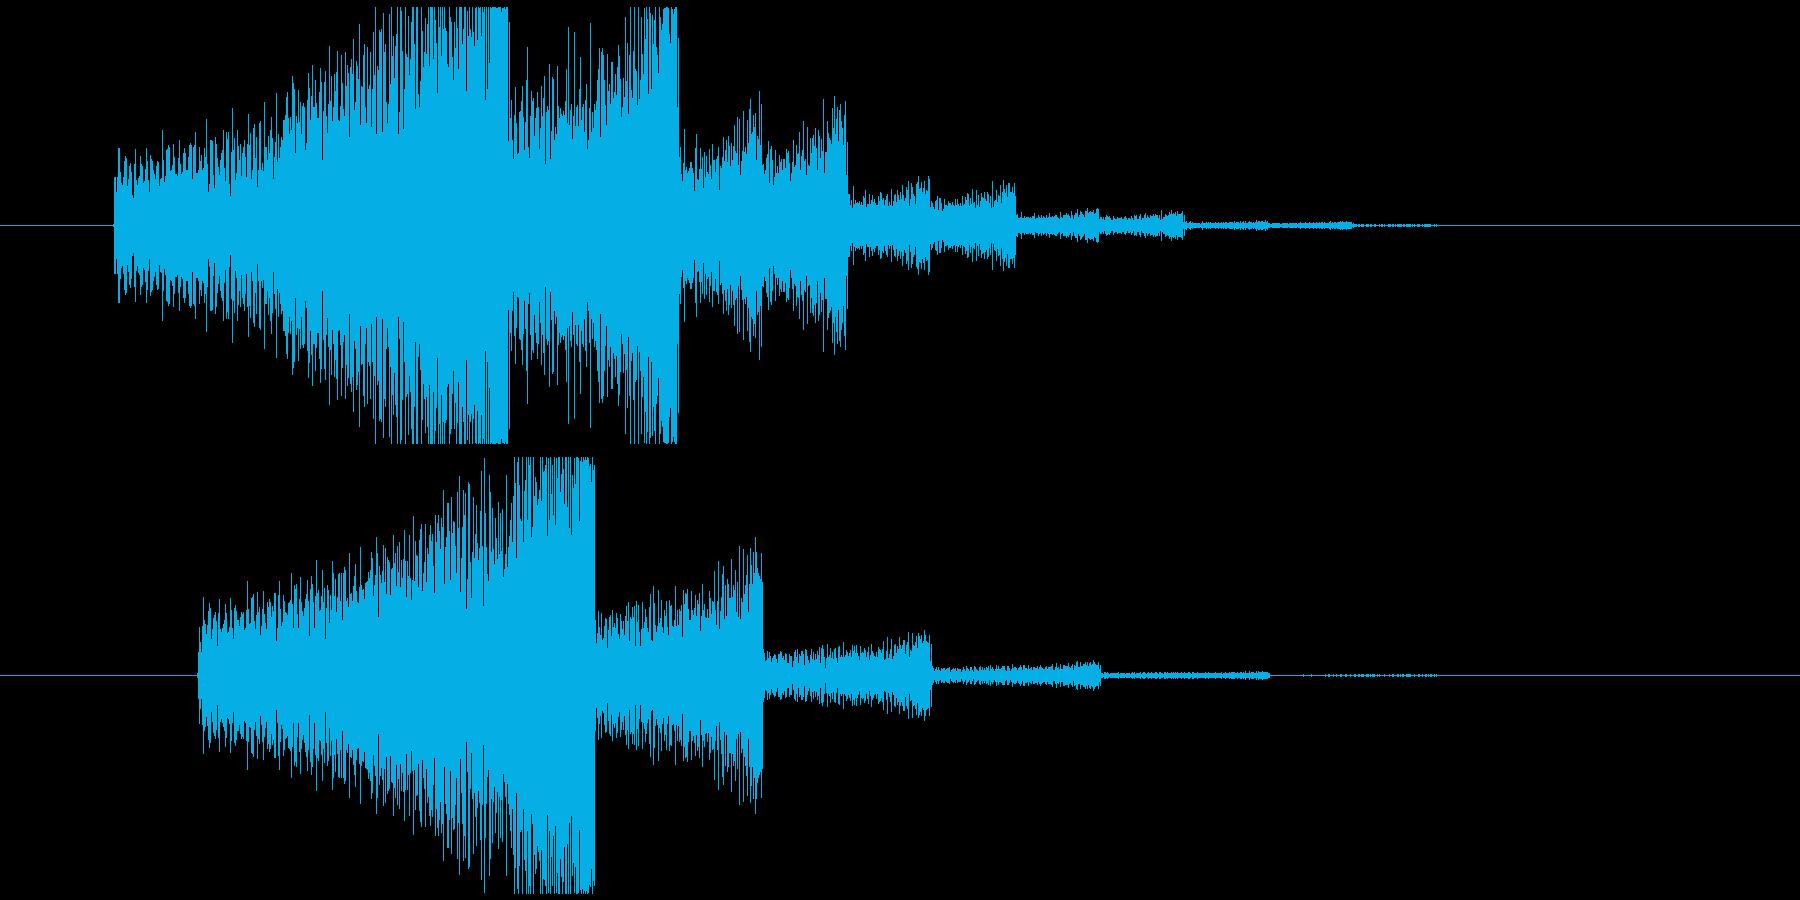 エレキギター音(回想)の再生済みの波形